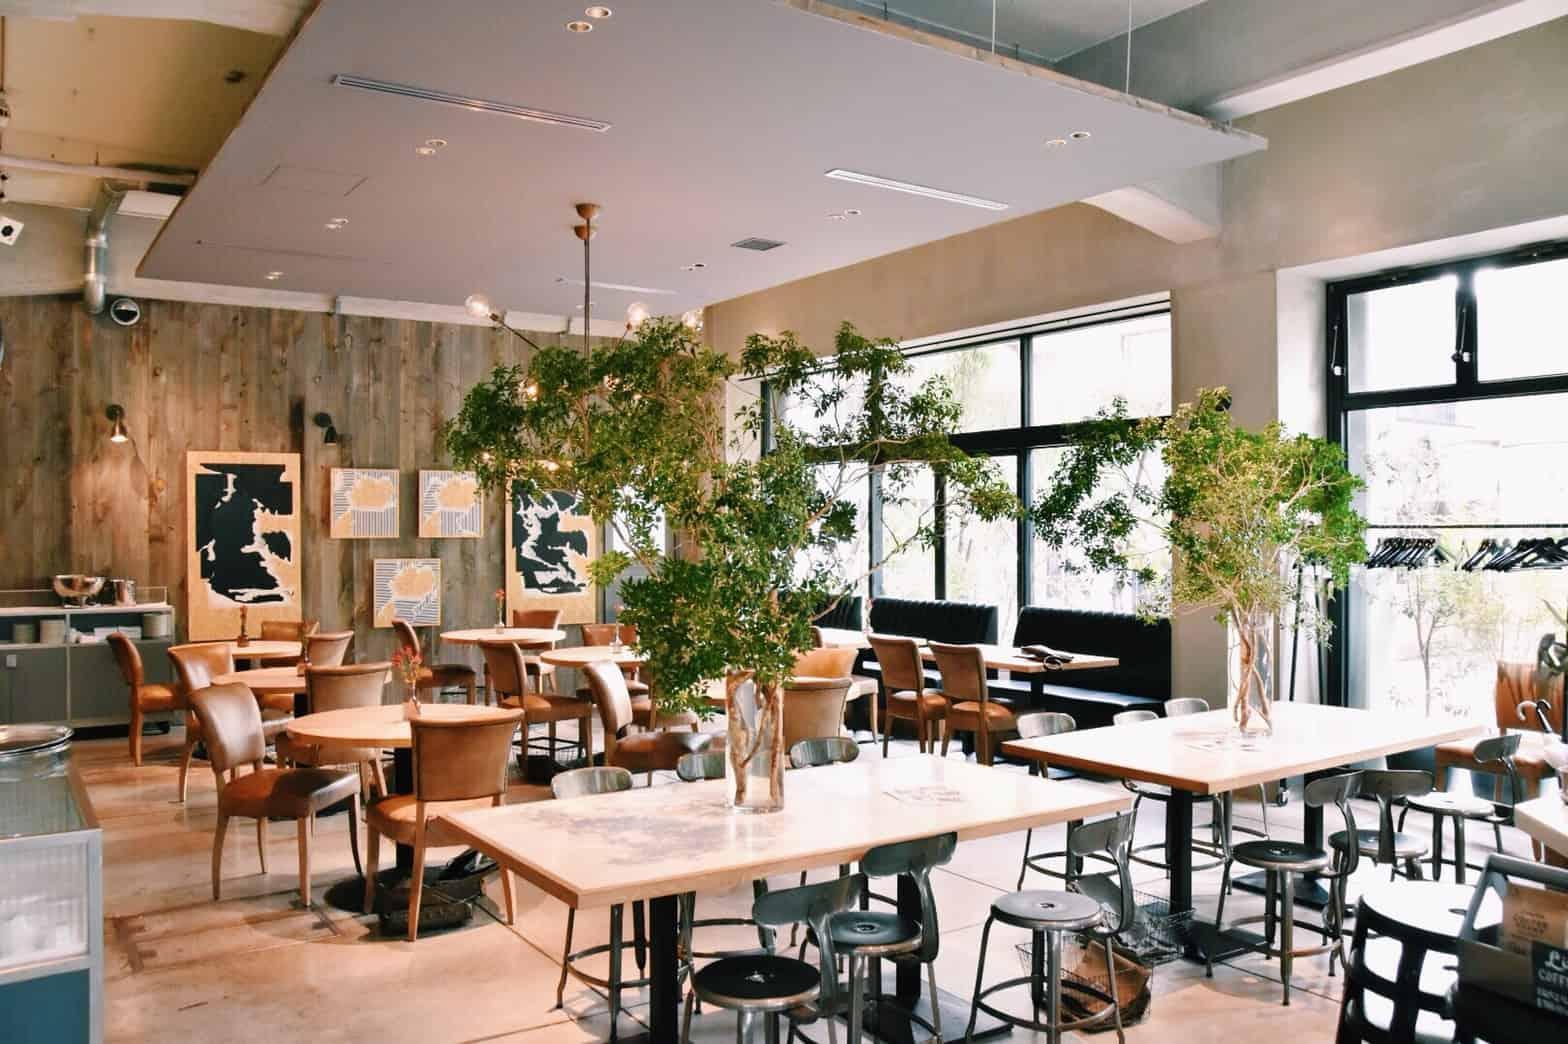 บรรยากาศภายในร้าน The Worker Coffee & Bar ย่าน Ikejiri Ohashi